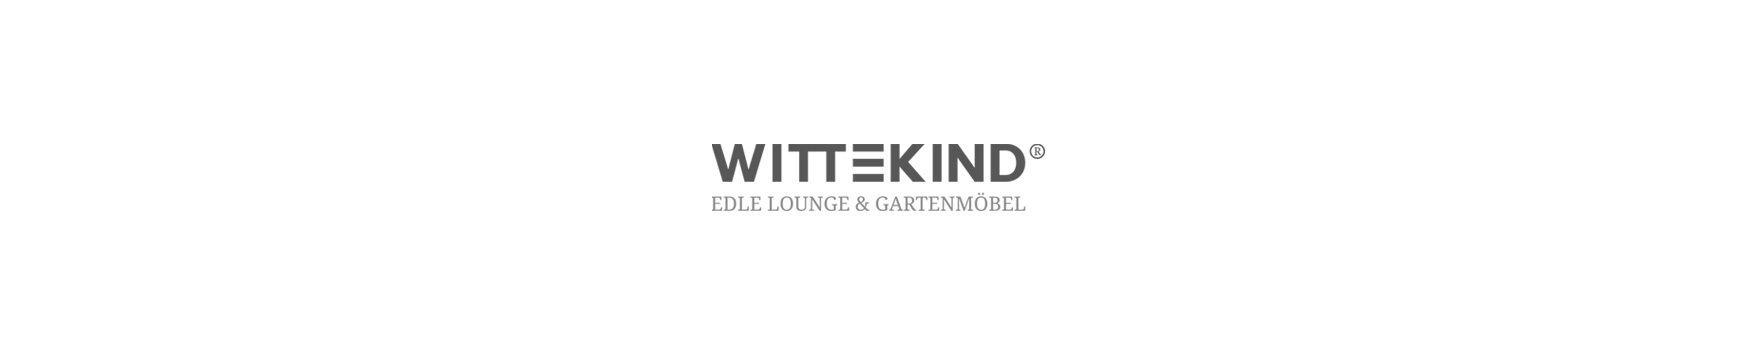 Wittekind Möbel UG (haftungsbeschränkt): Möbel & Accessoires in ...